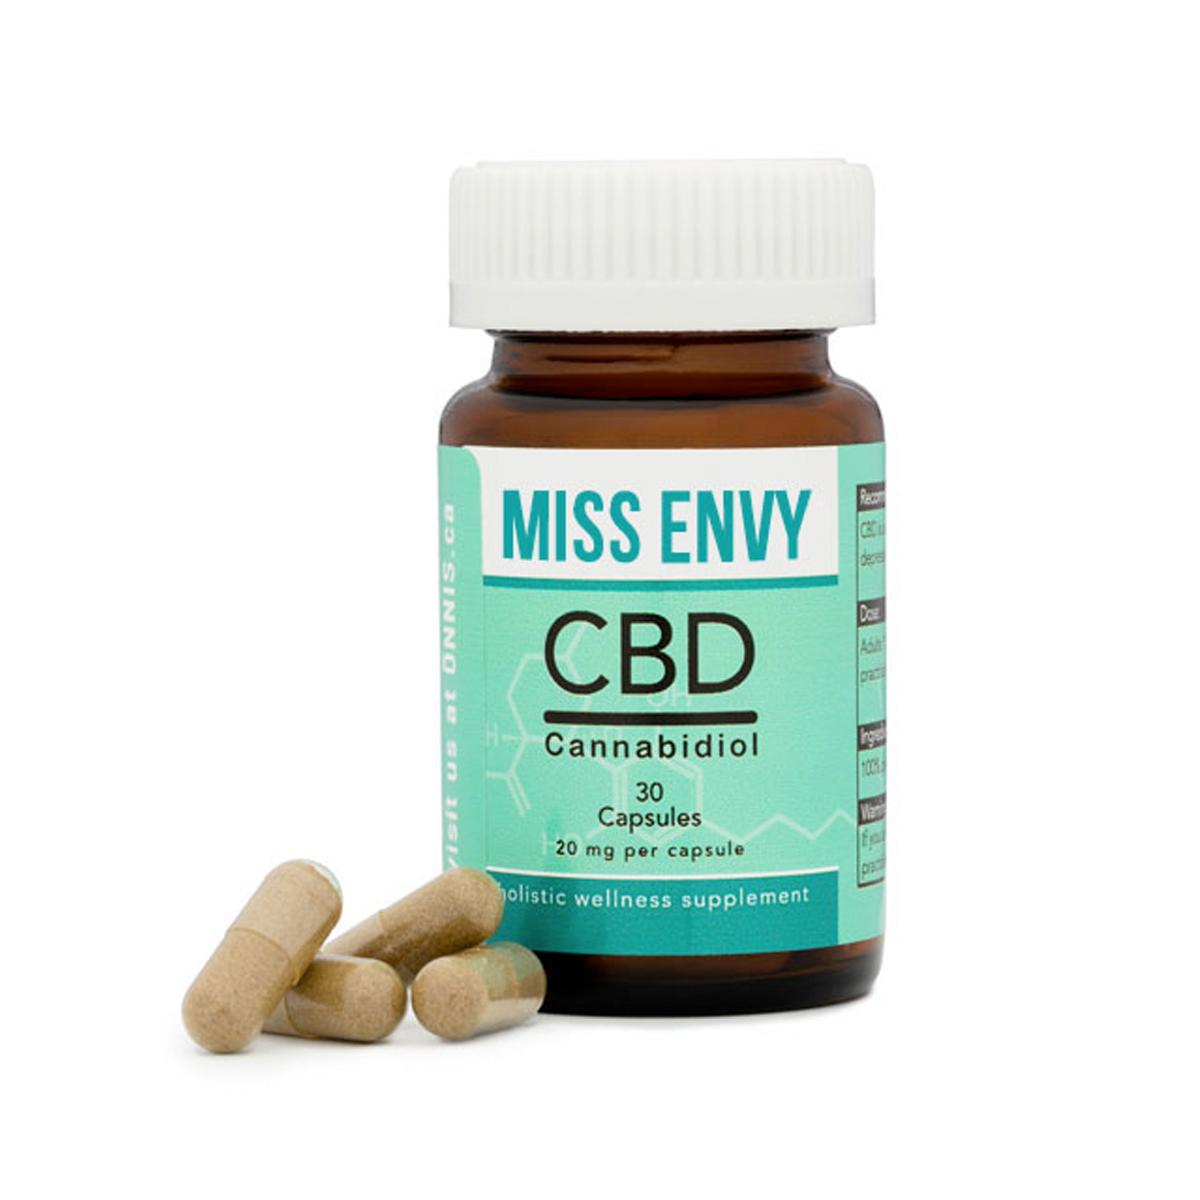 Buy Miss Envy CBD Caps Bottle